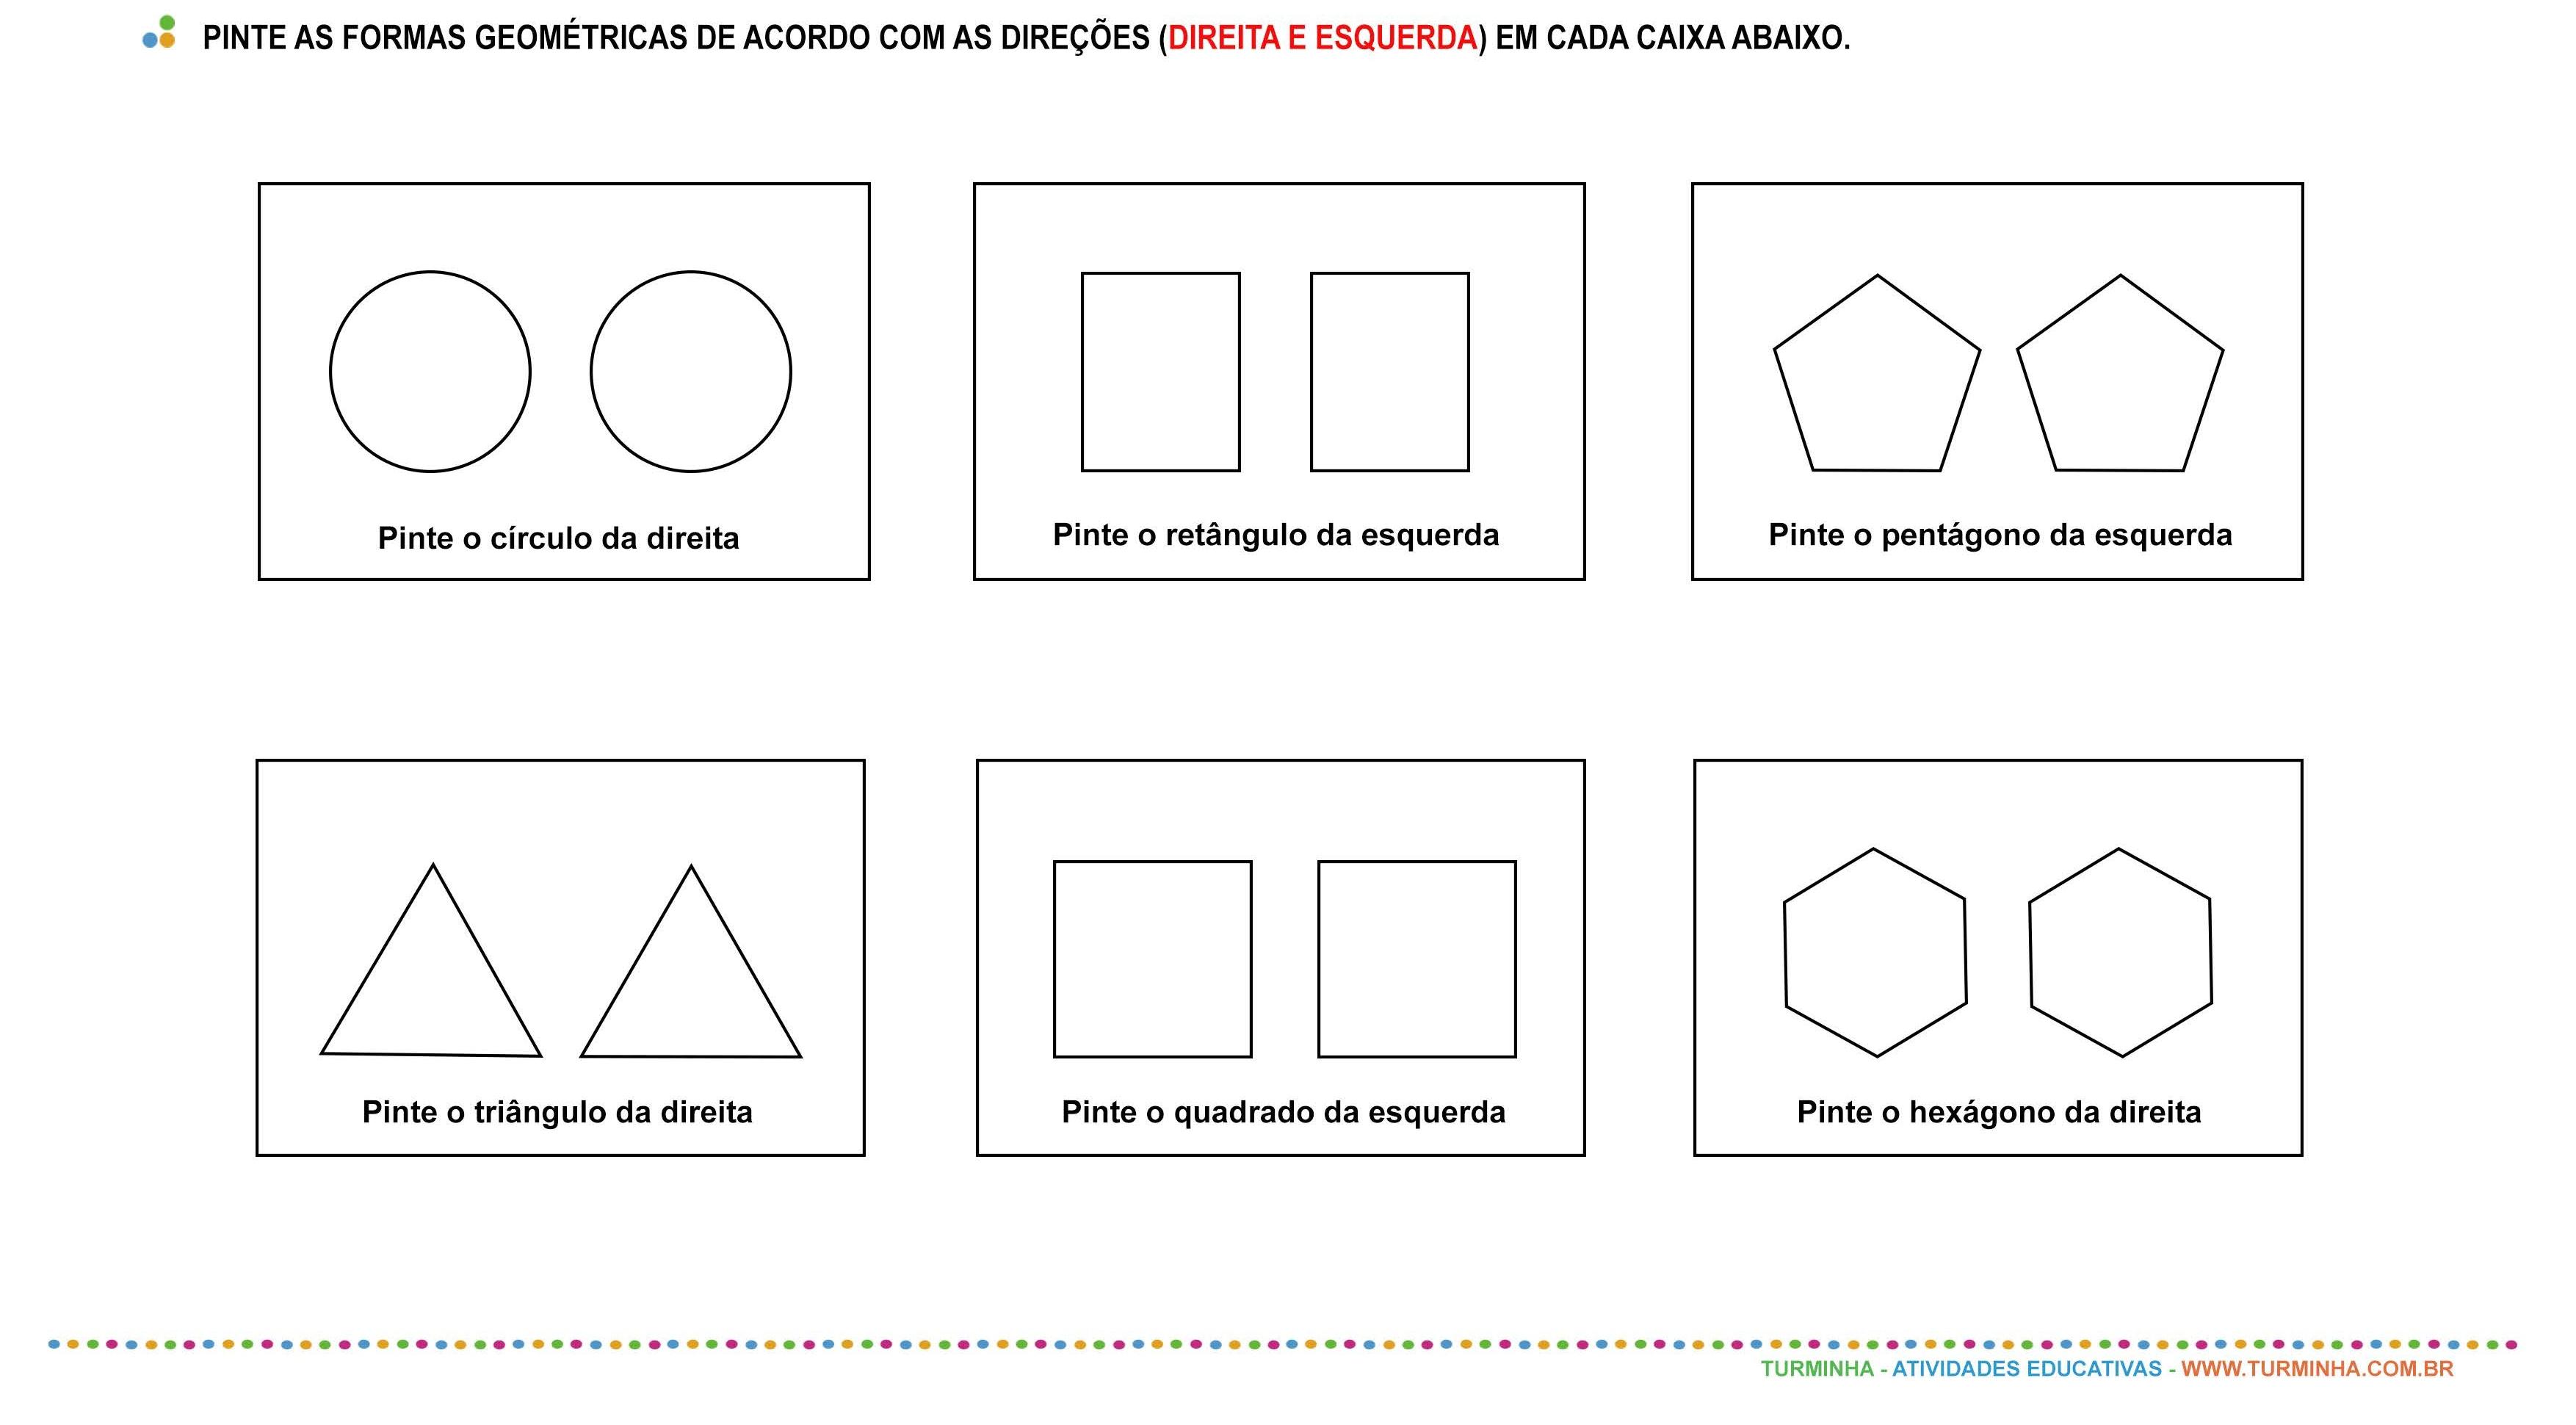 Direita e esquerda - formas geométricas - atividade educativa para Pré-Escola (4 e 5 anos)